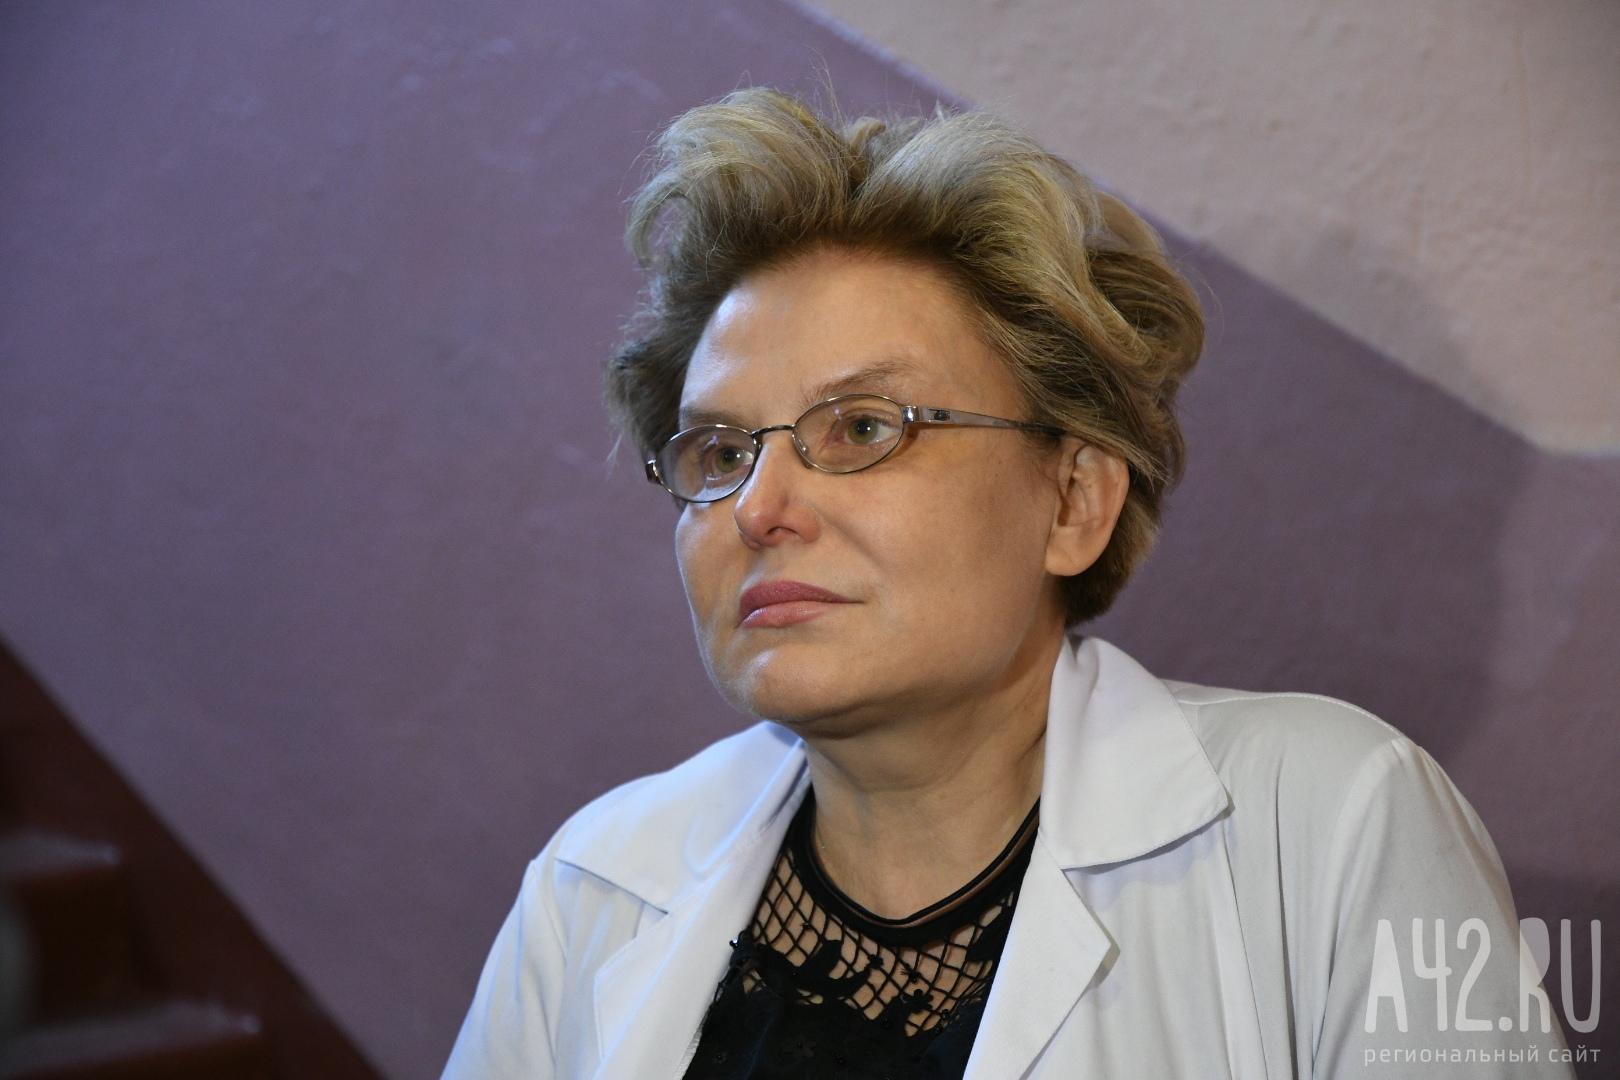 Елену Малышеву экстренно госпитализировали в московскую клинику